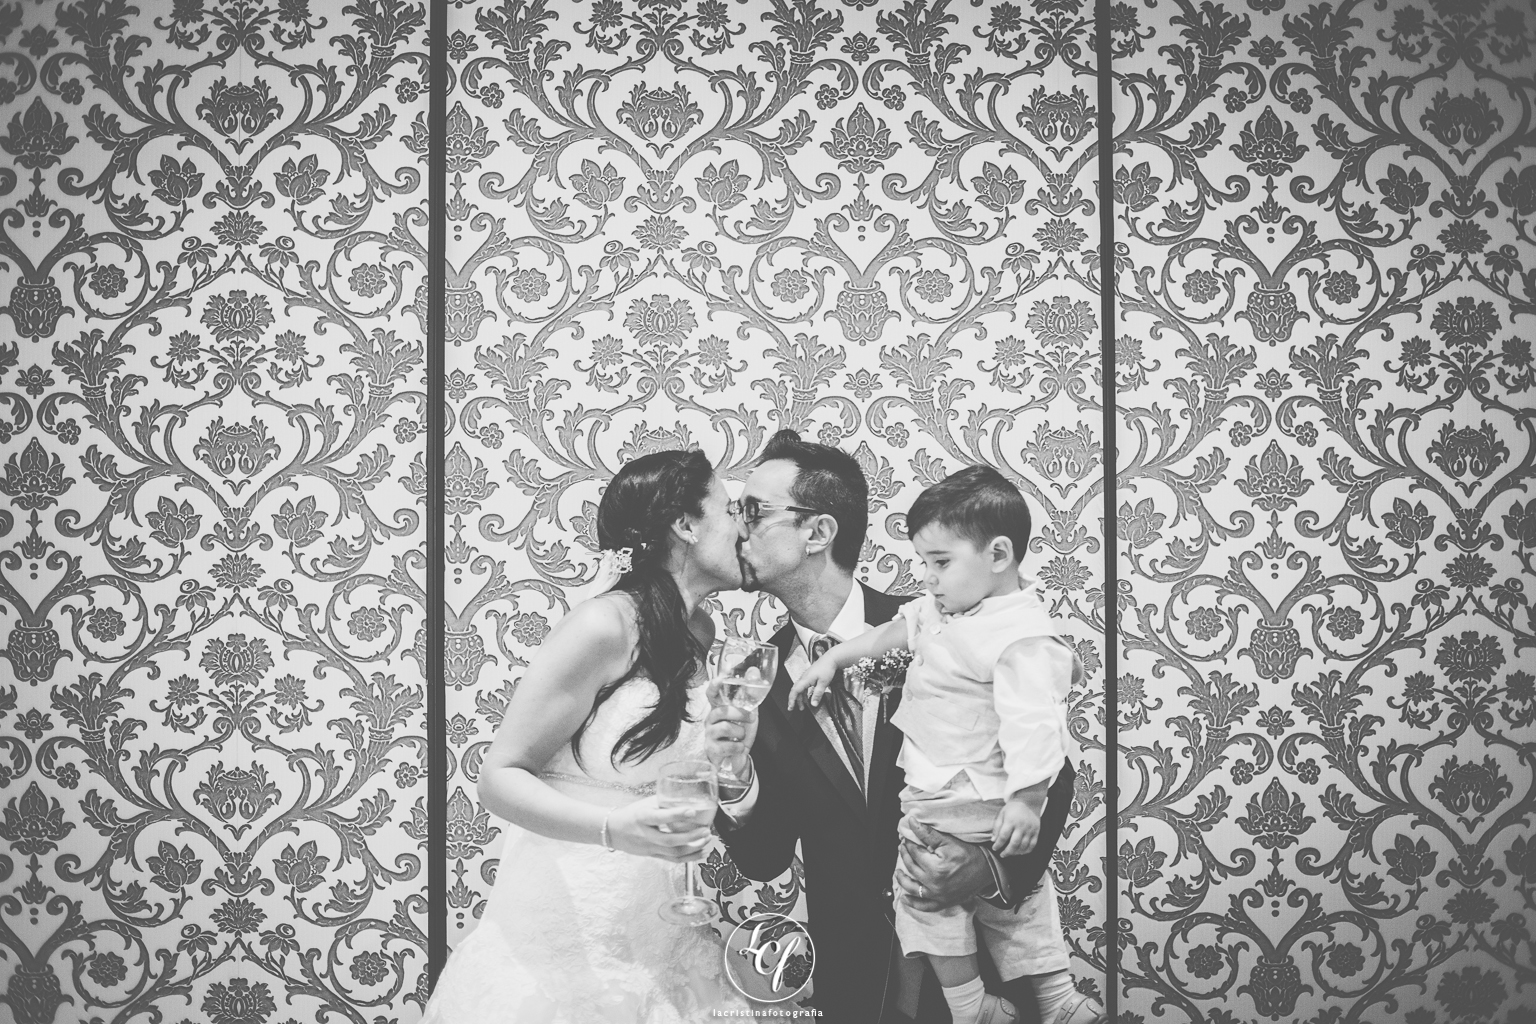 Fotógrafo de Bodas :: Noemí + Nicolaufotografia de bodas barcelona ::: fotógrafo de bodas :: Espai Can pages :: bodas en el campo :: bodas en masía